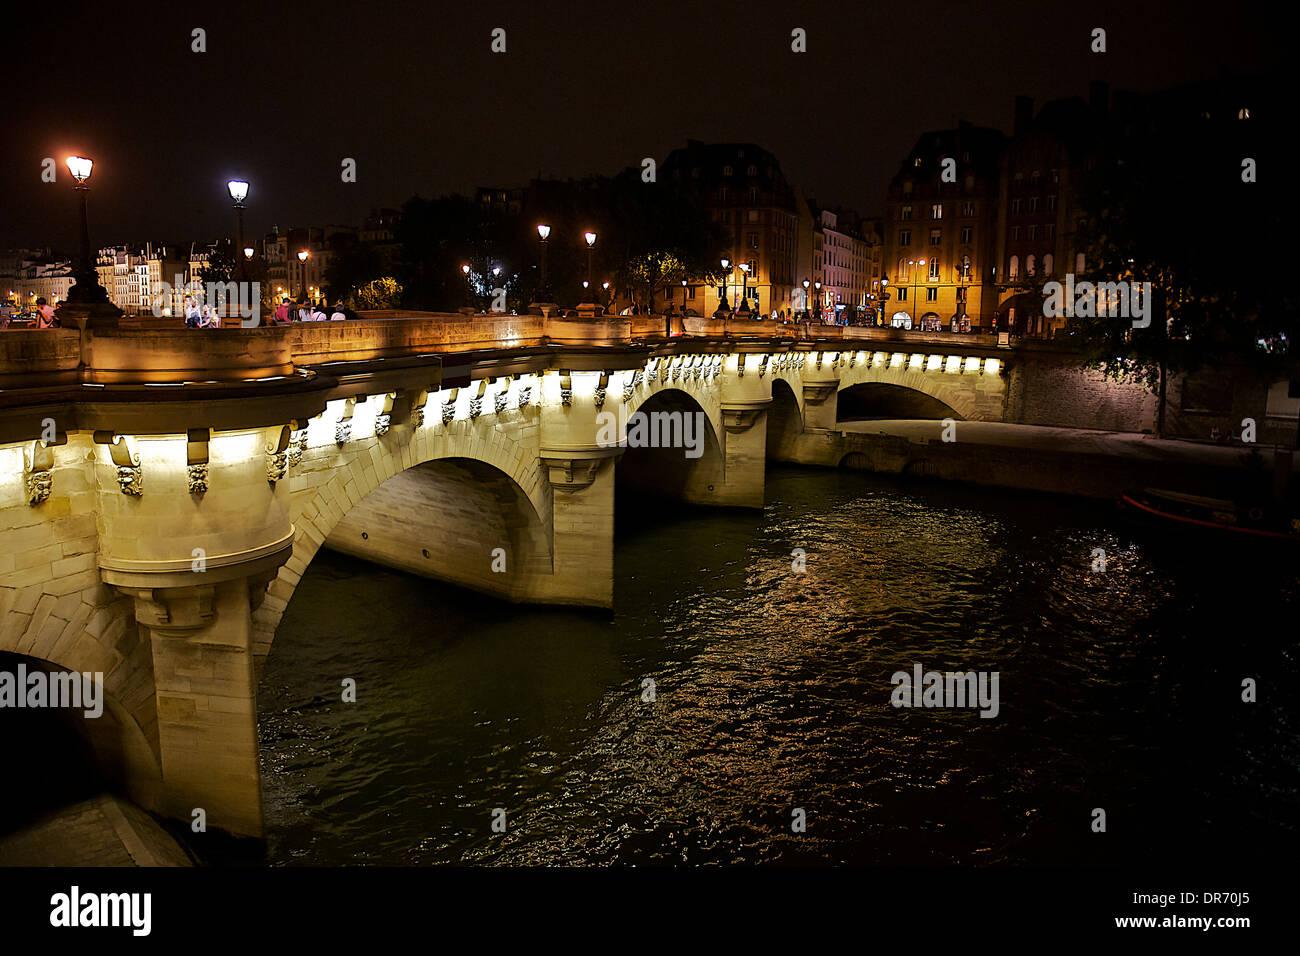 Le pont neuf at night - Stock Image